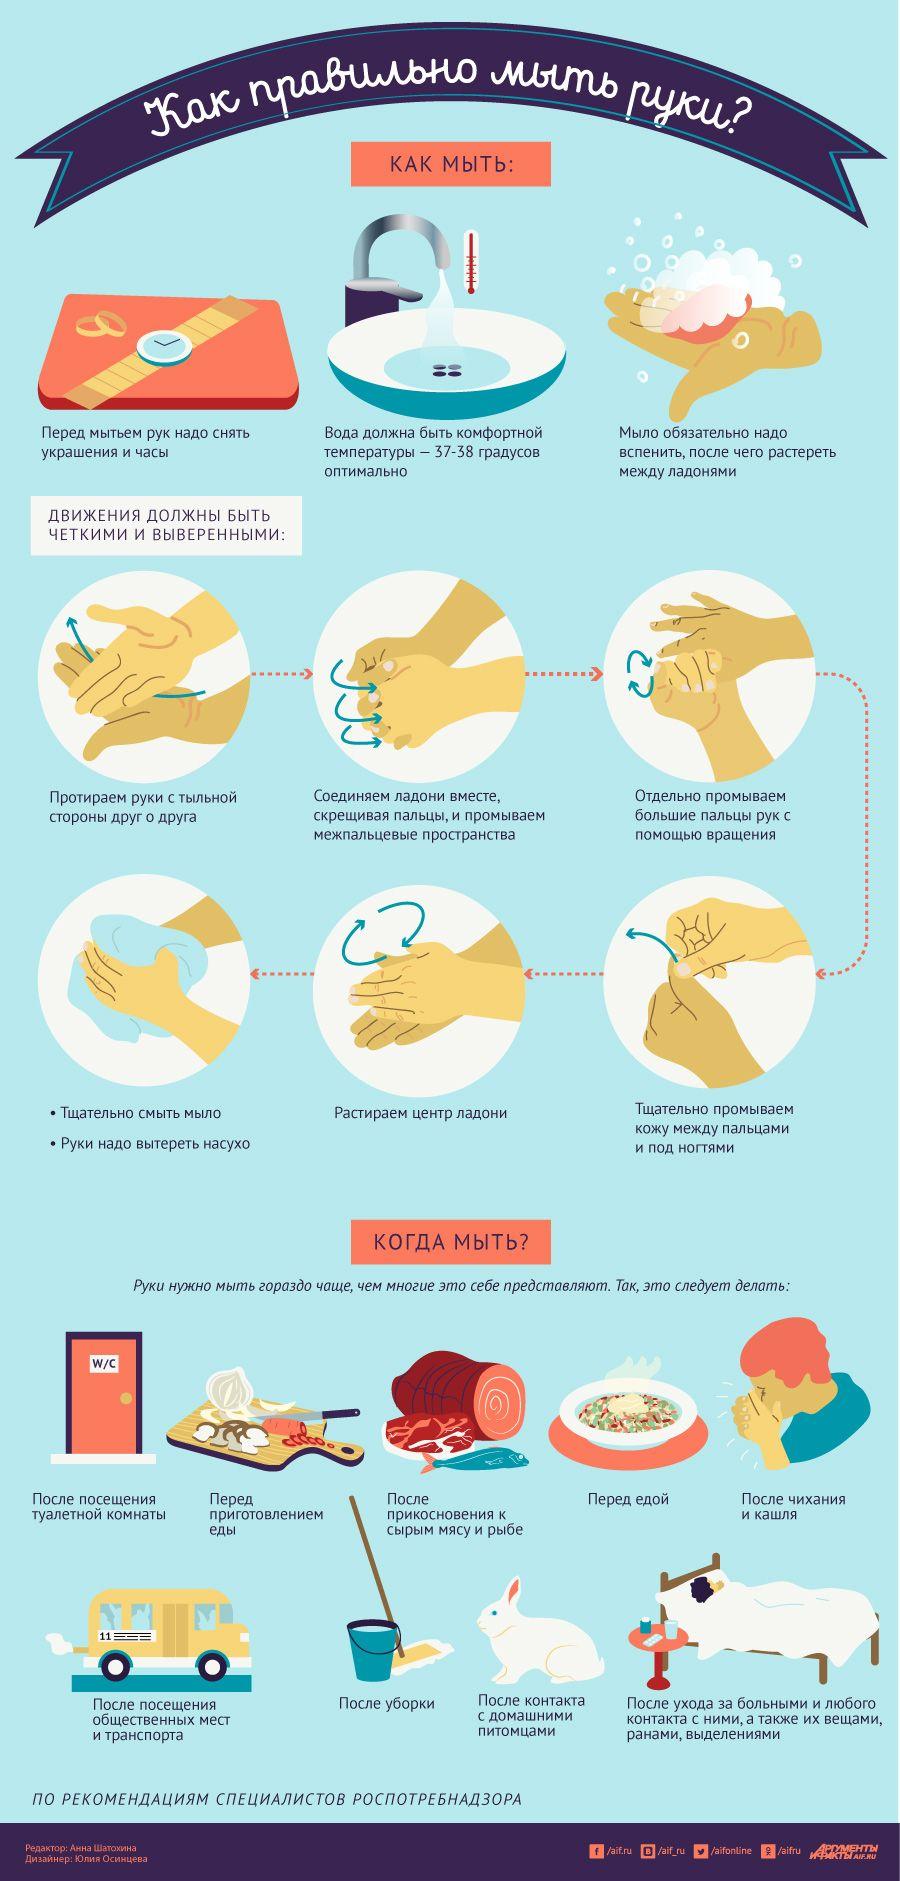 Как мыть руки?